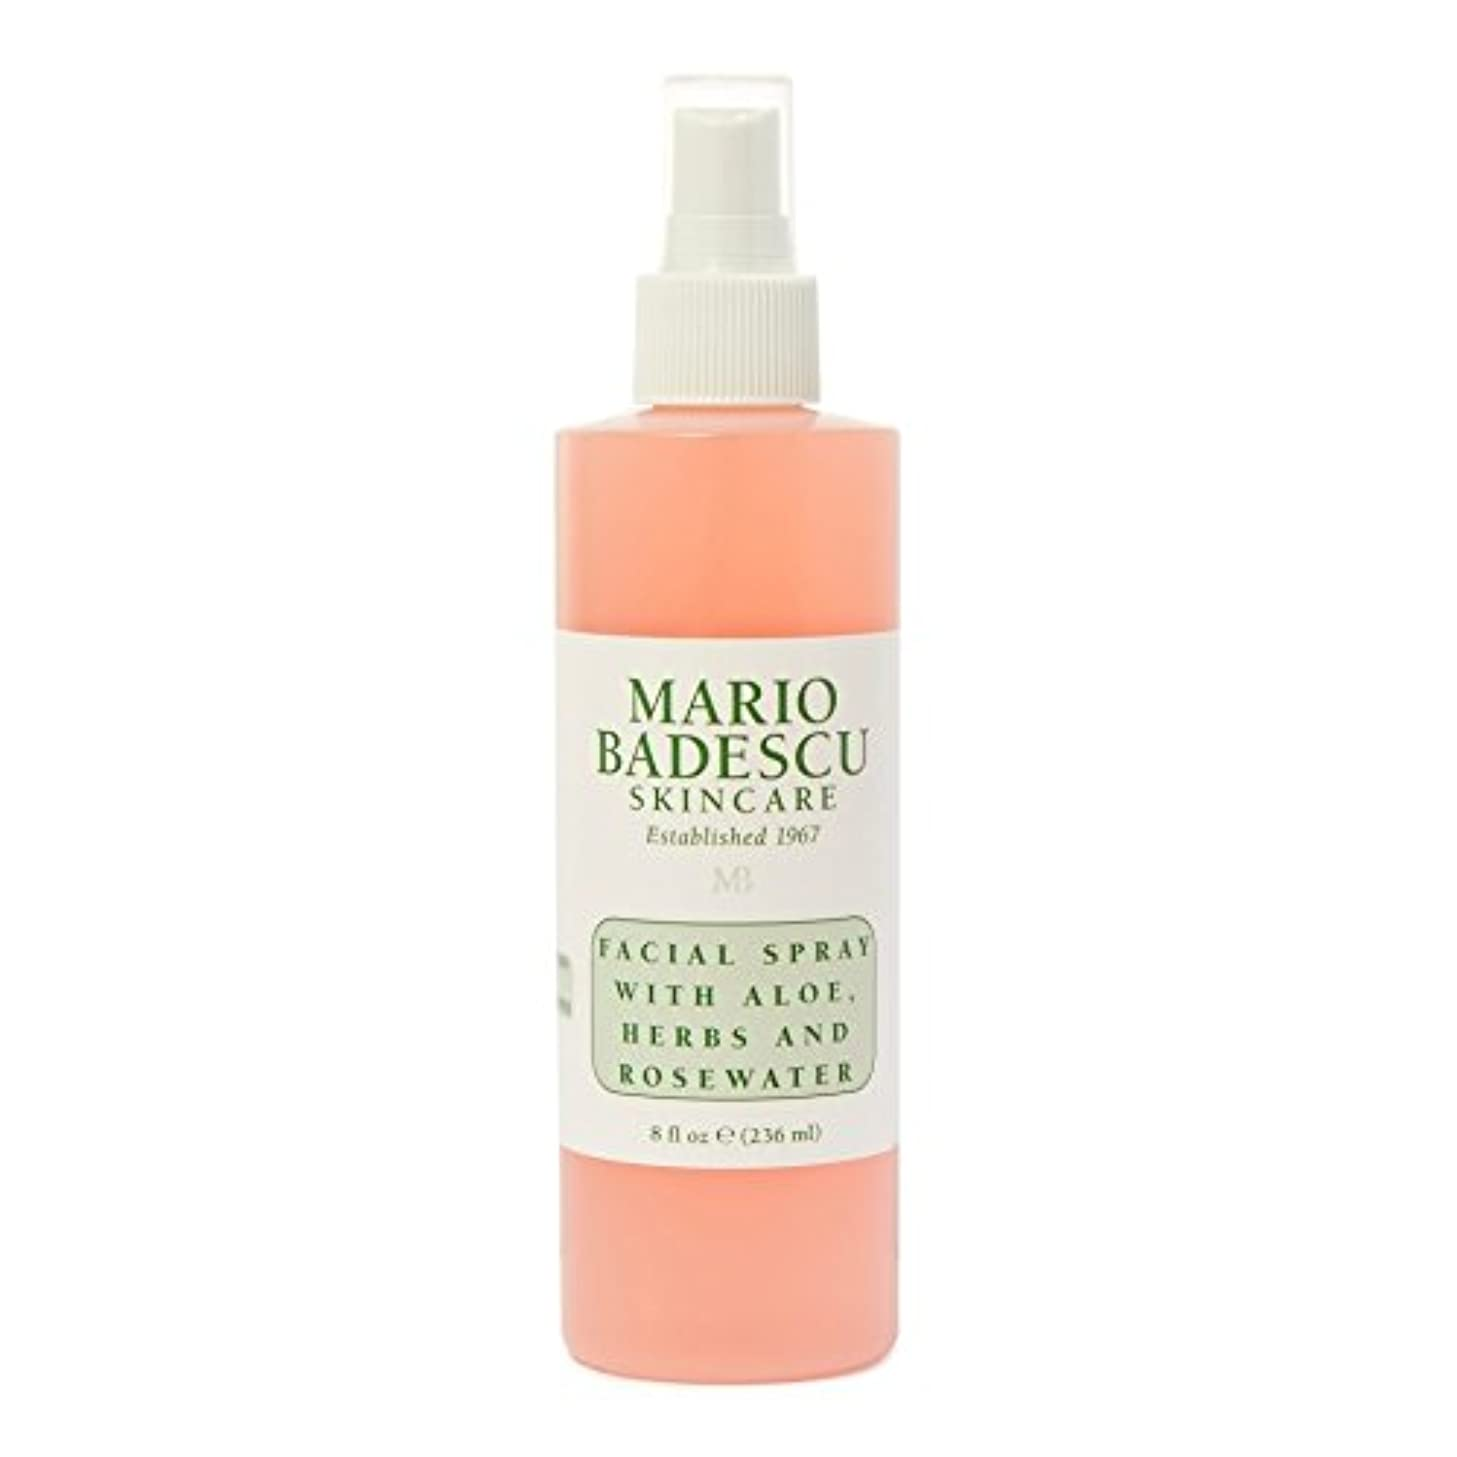 素敵な小康地域Mario Badescu Facial Spray 236ml - マリオ?バデスキュー顔面スプレー236ミリリットル [並行輸入品]